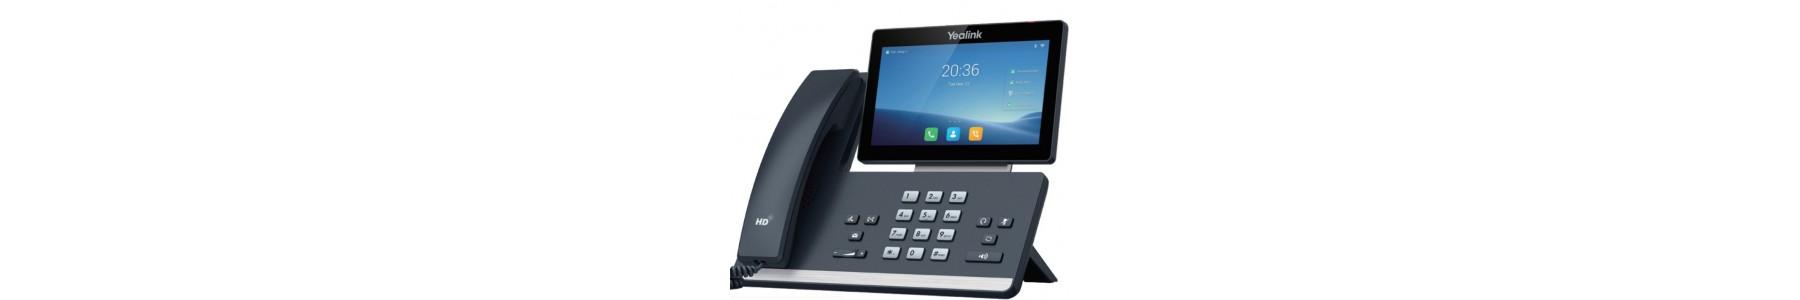 Telefoni IP VoIP fissi